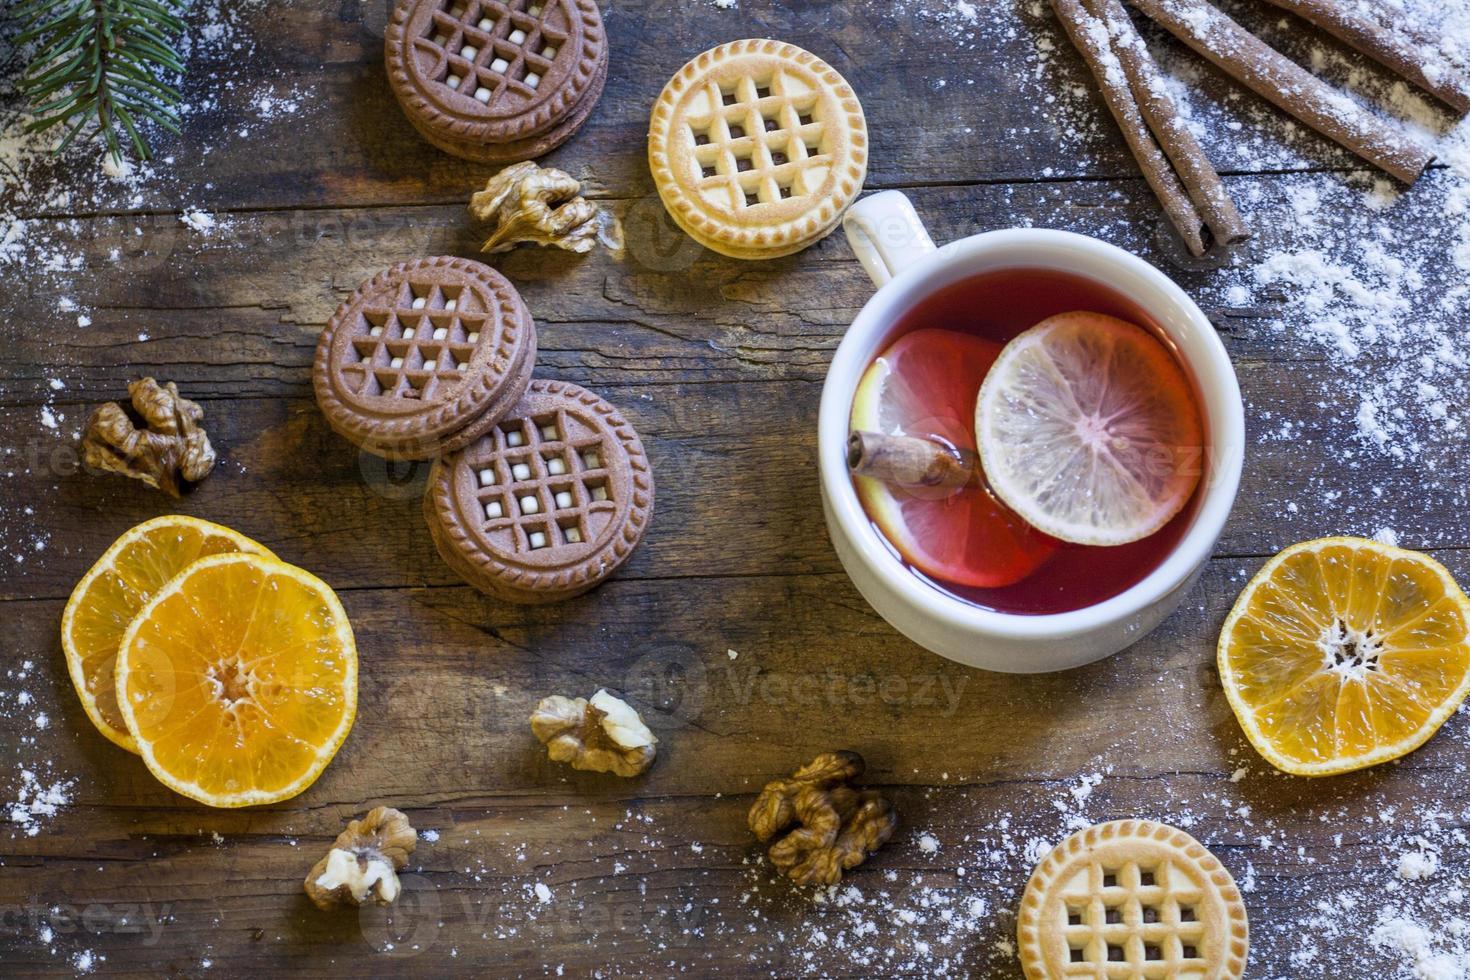 thee, mandarijnen en koekjes in kerst decor foto